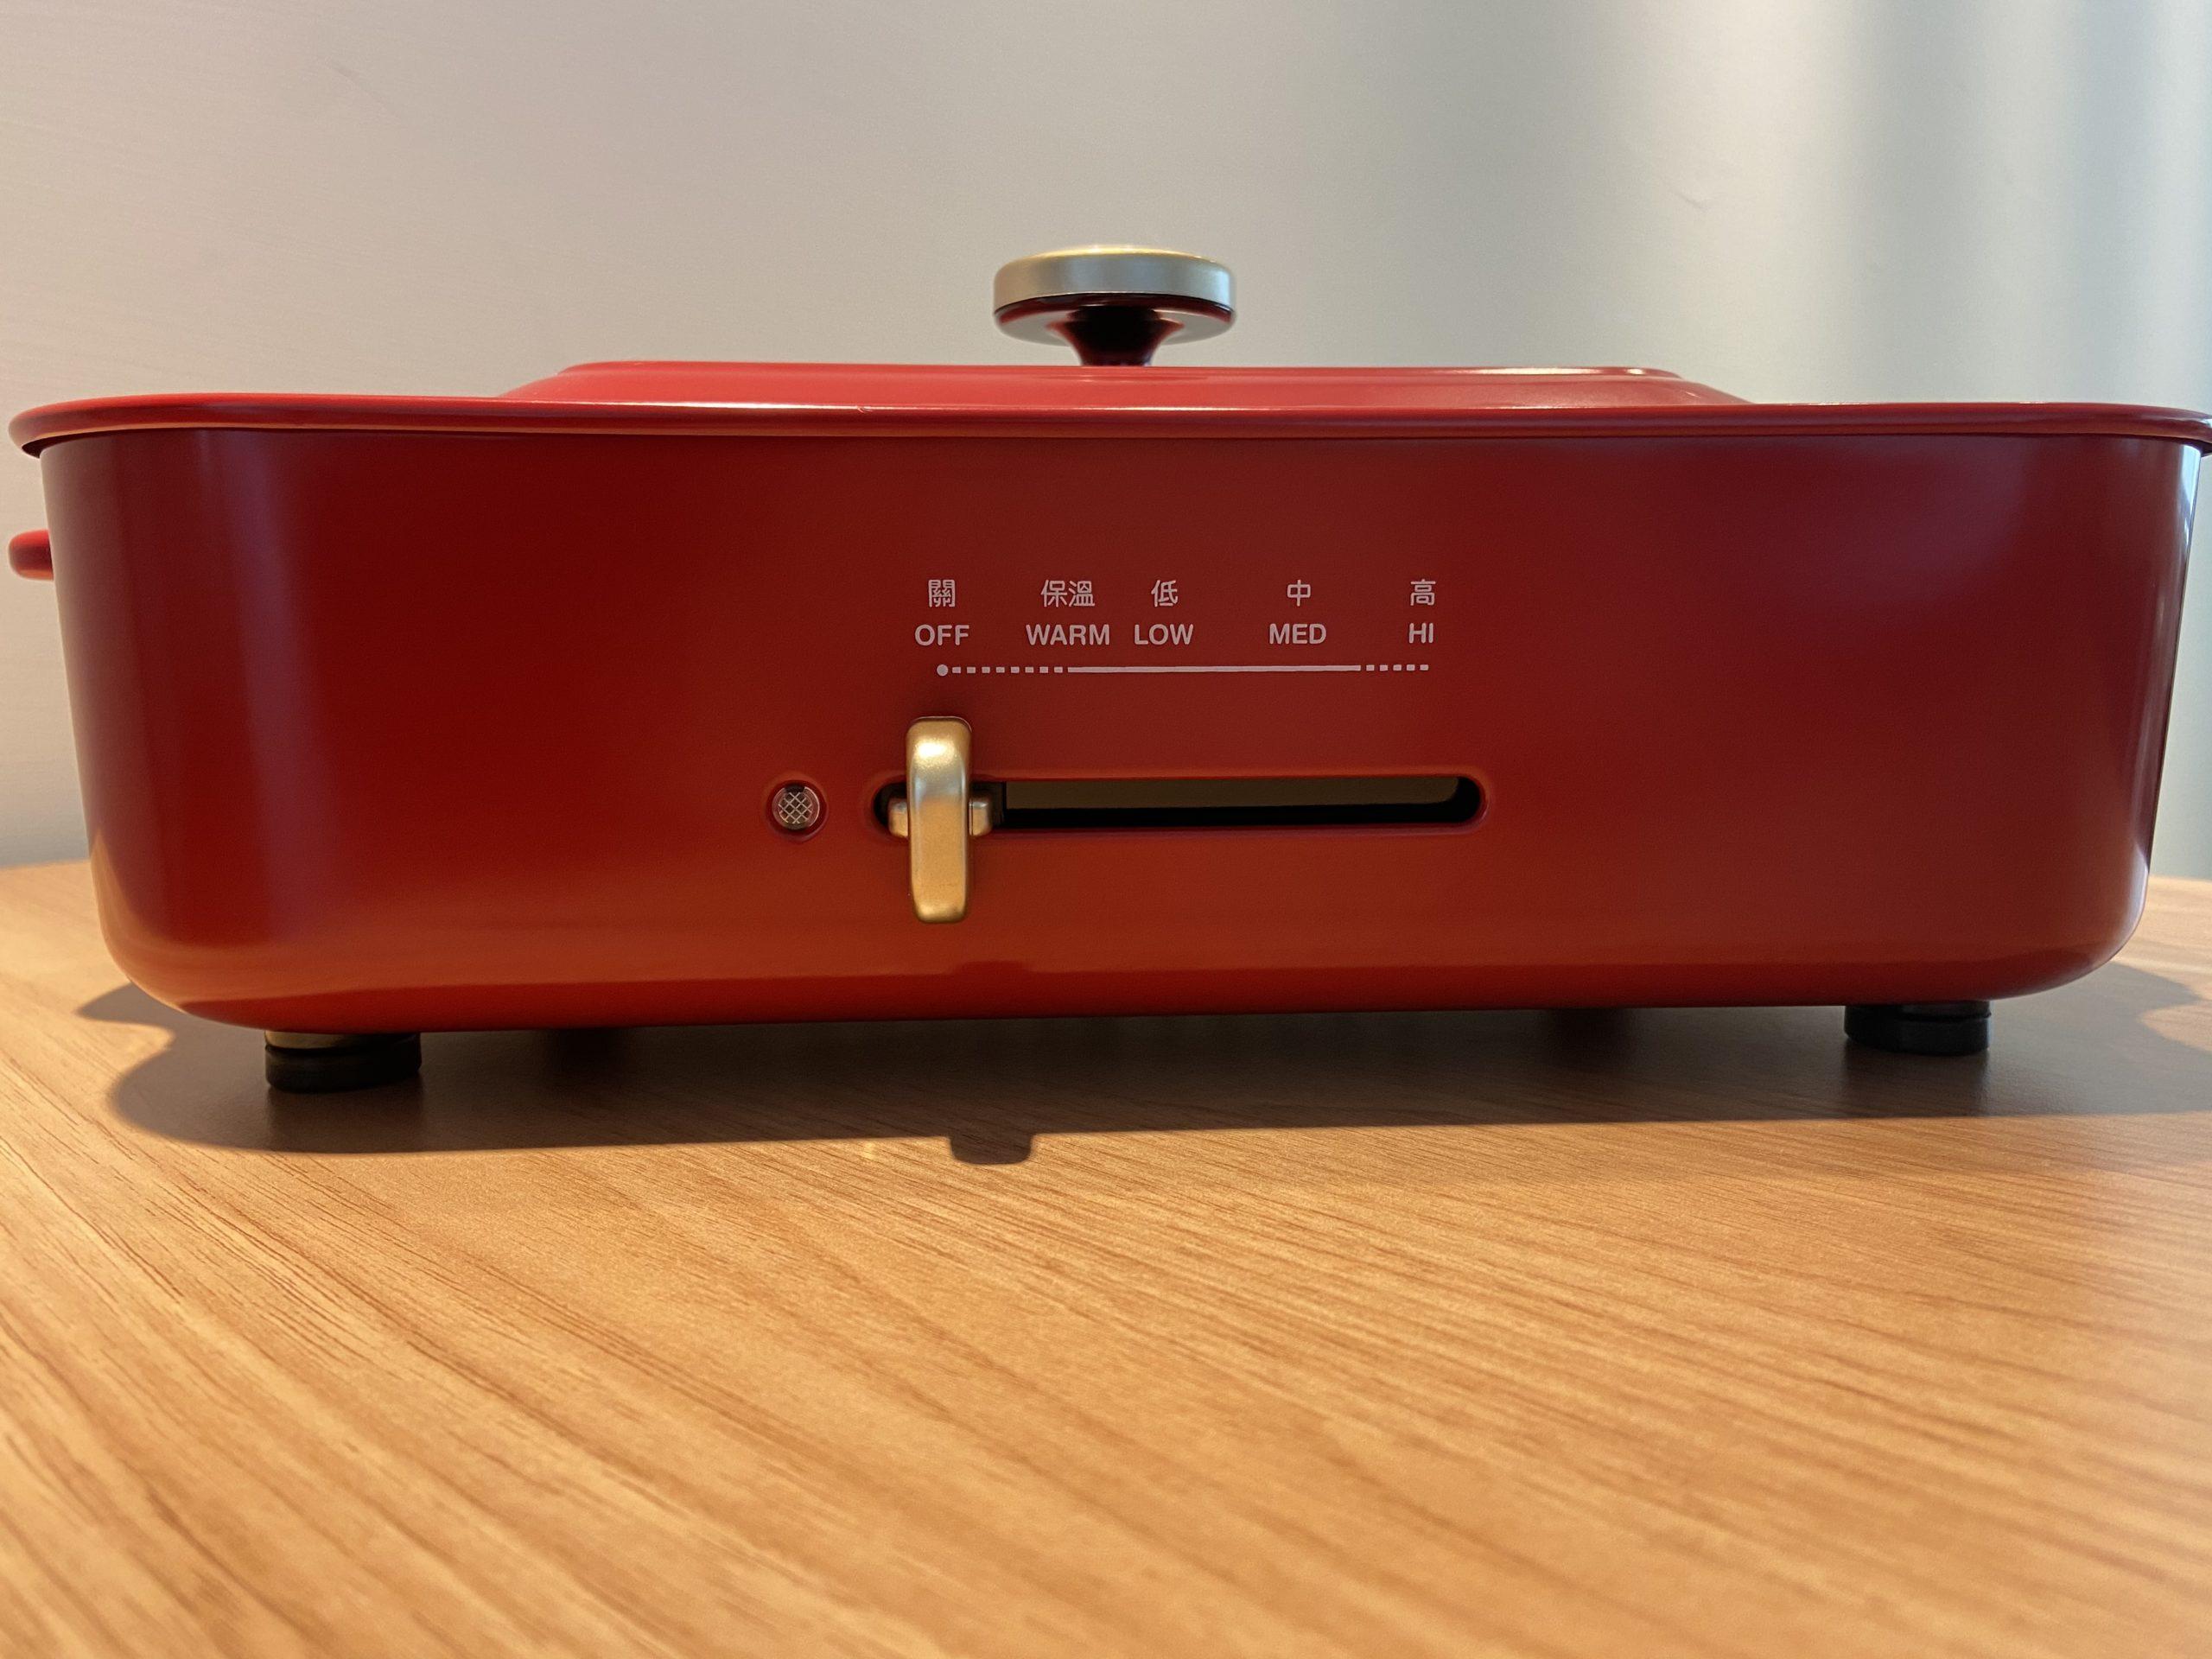 日本 BRUNO 電烤盤-溫控調置